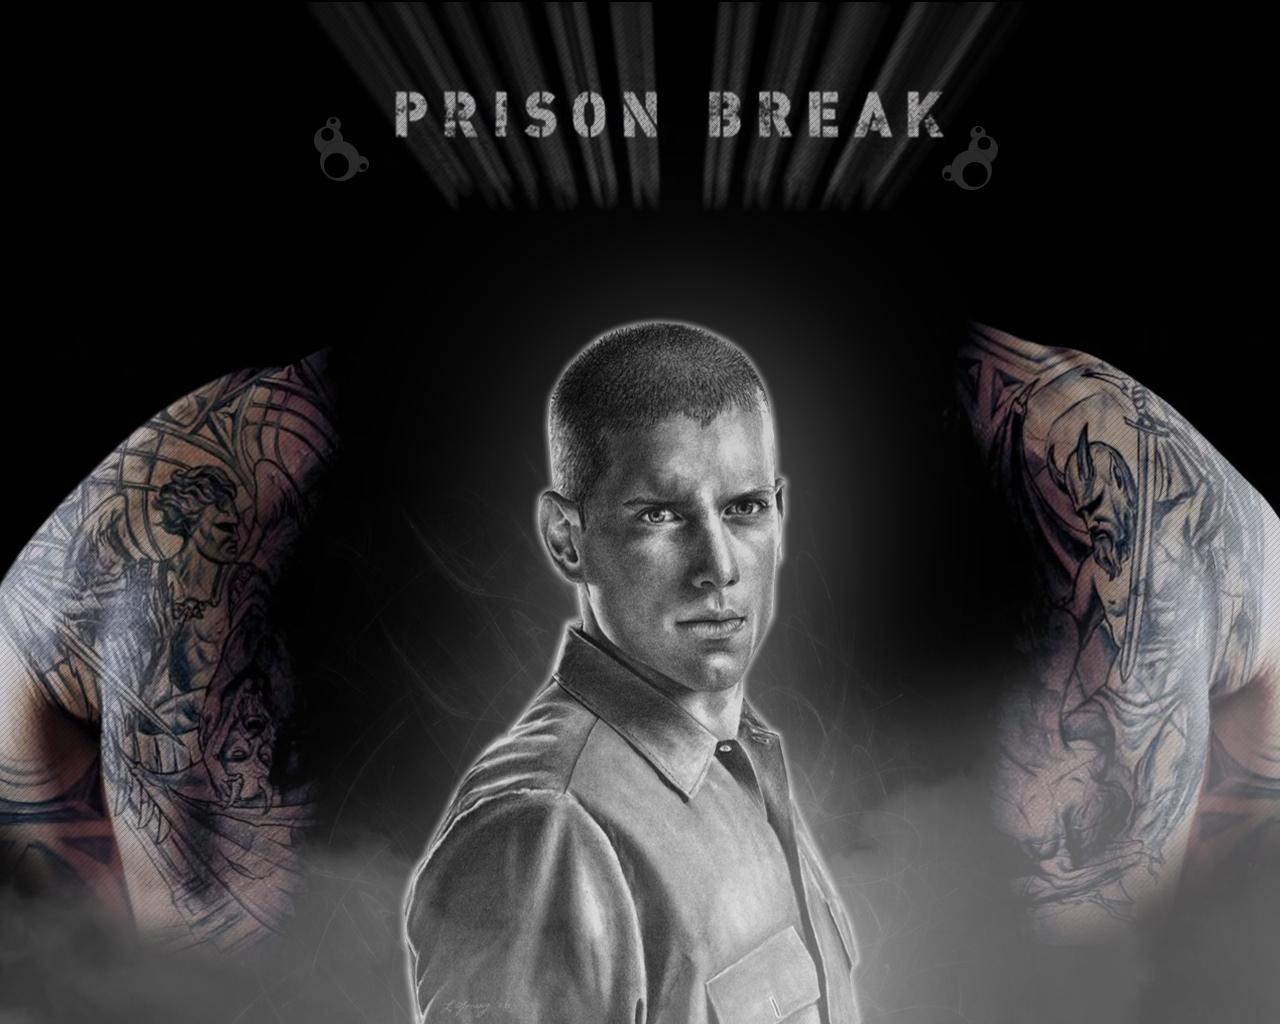 Prison Break Wallpaper by Lirixacierjpg 1280x1024